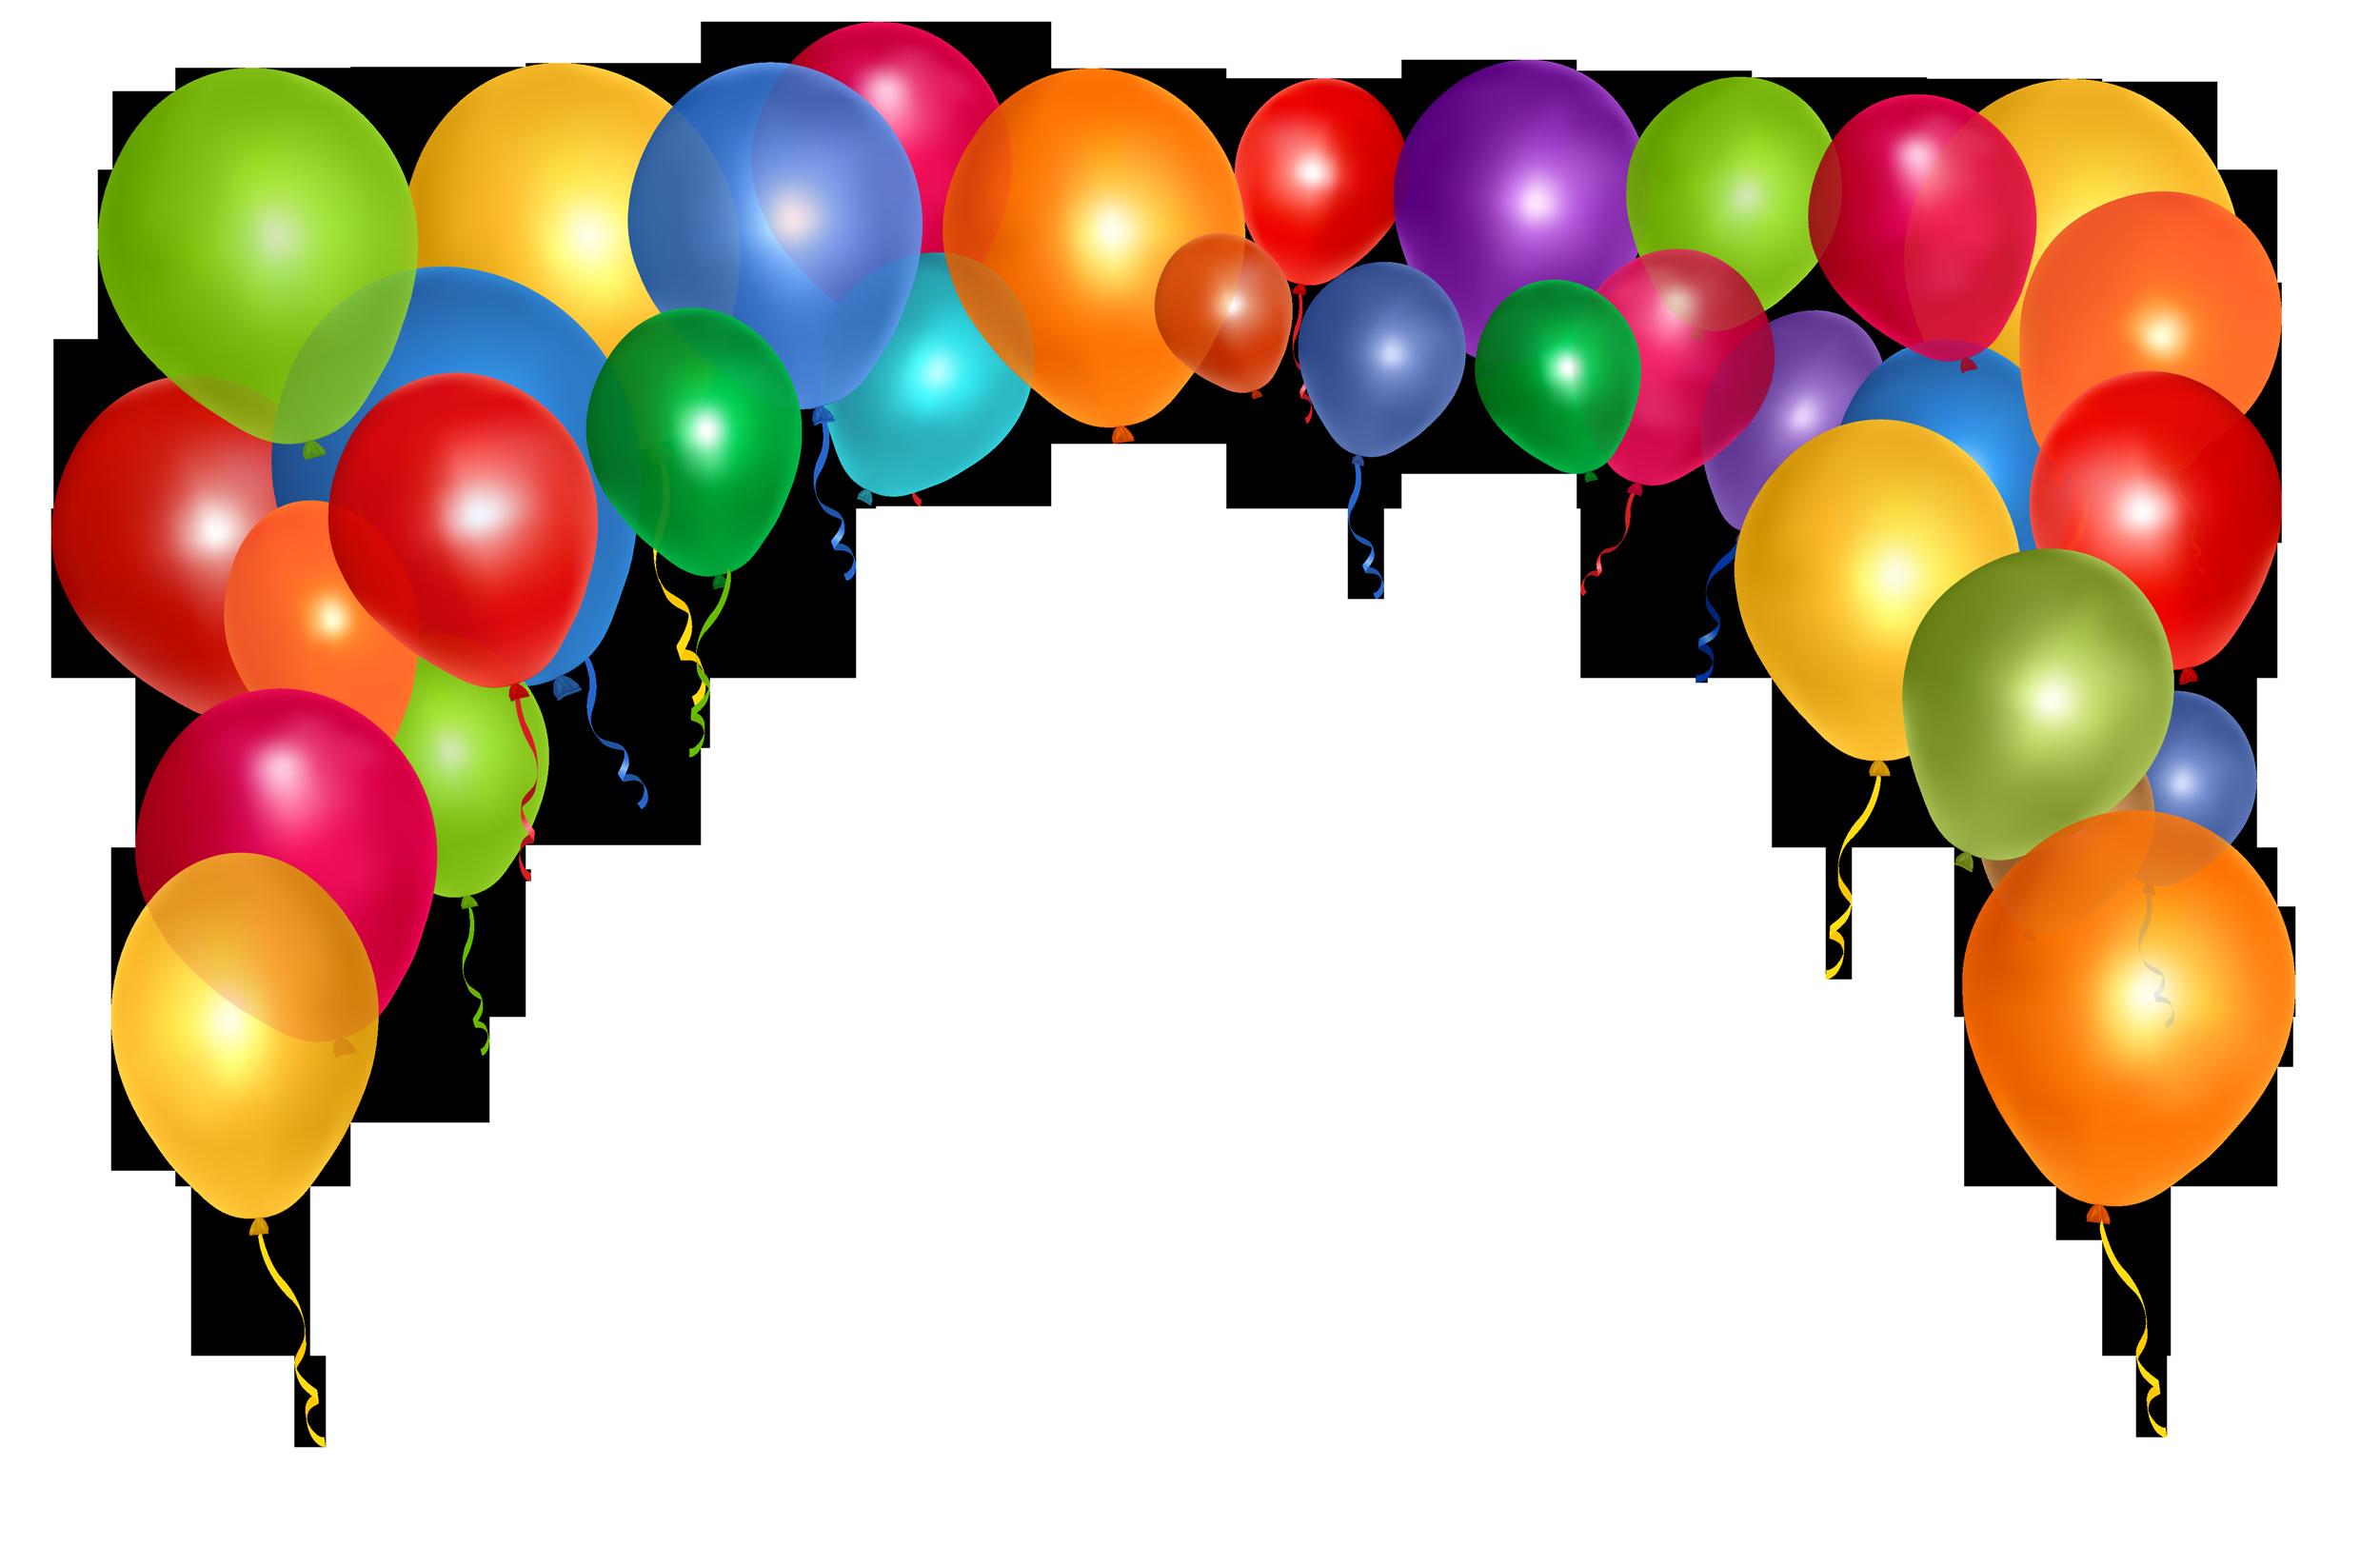 Ballon clipart colorful balloon. Clip art balloons png